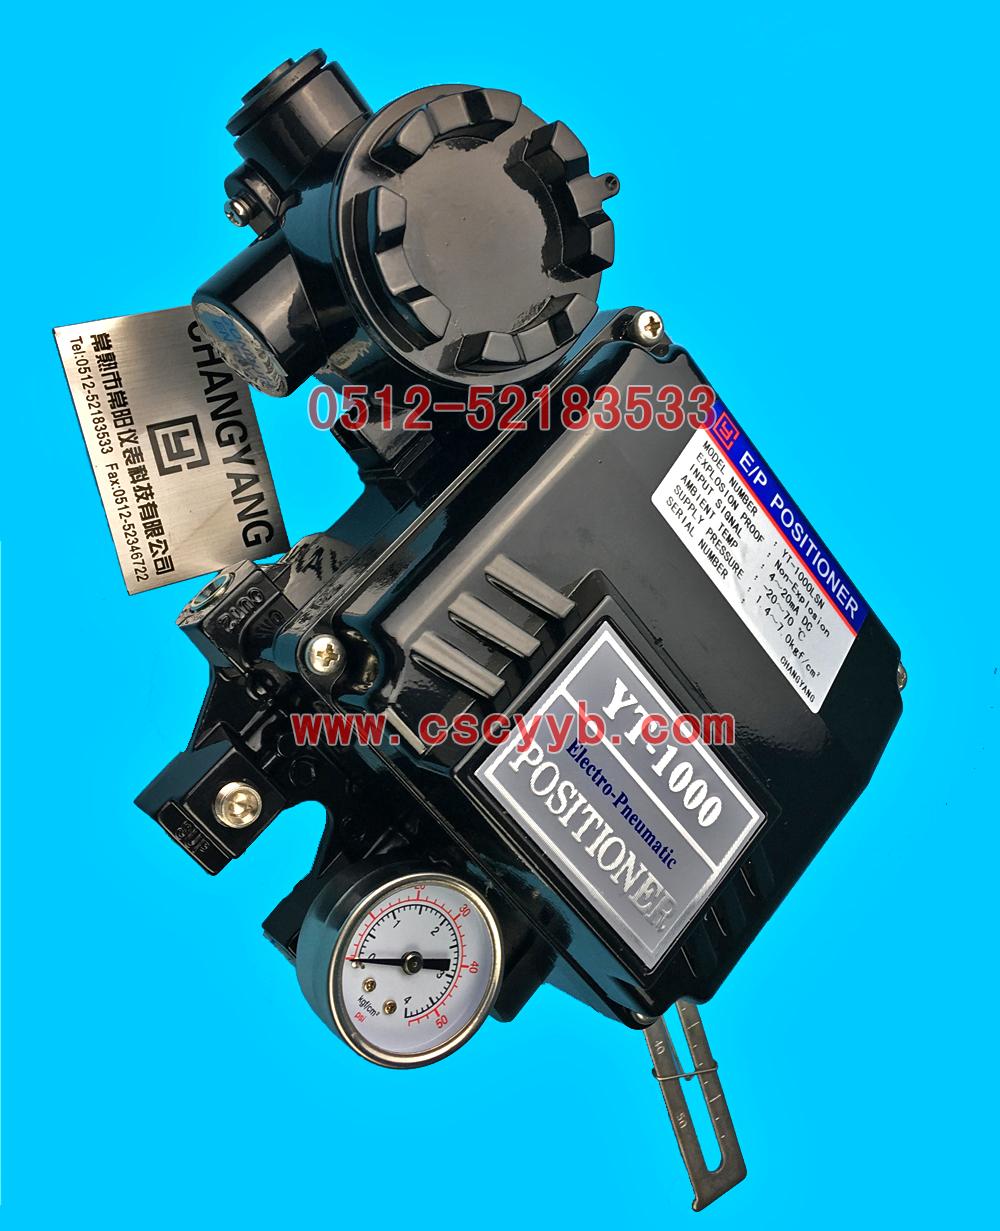 YT1000LDM直行程双作用防爆电气阀门定位器,YT1000LDN电气阀门定位器